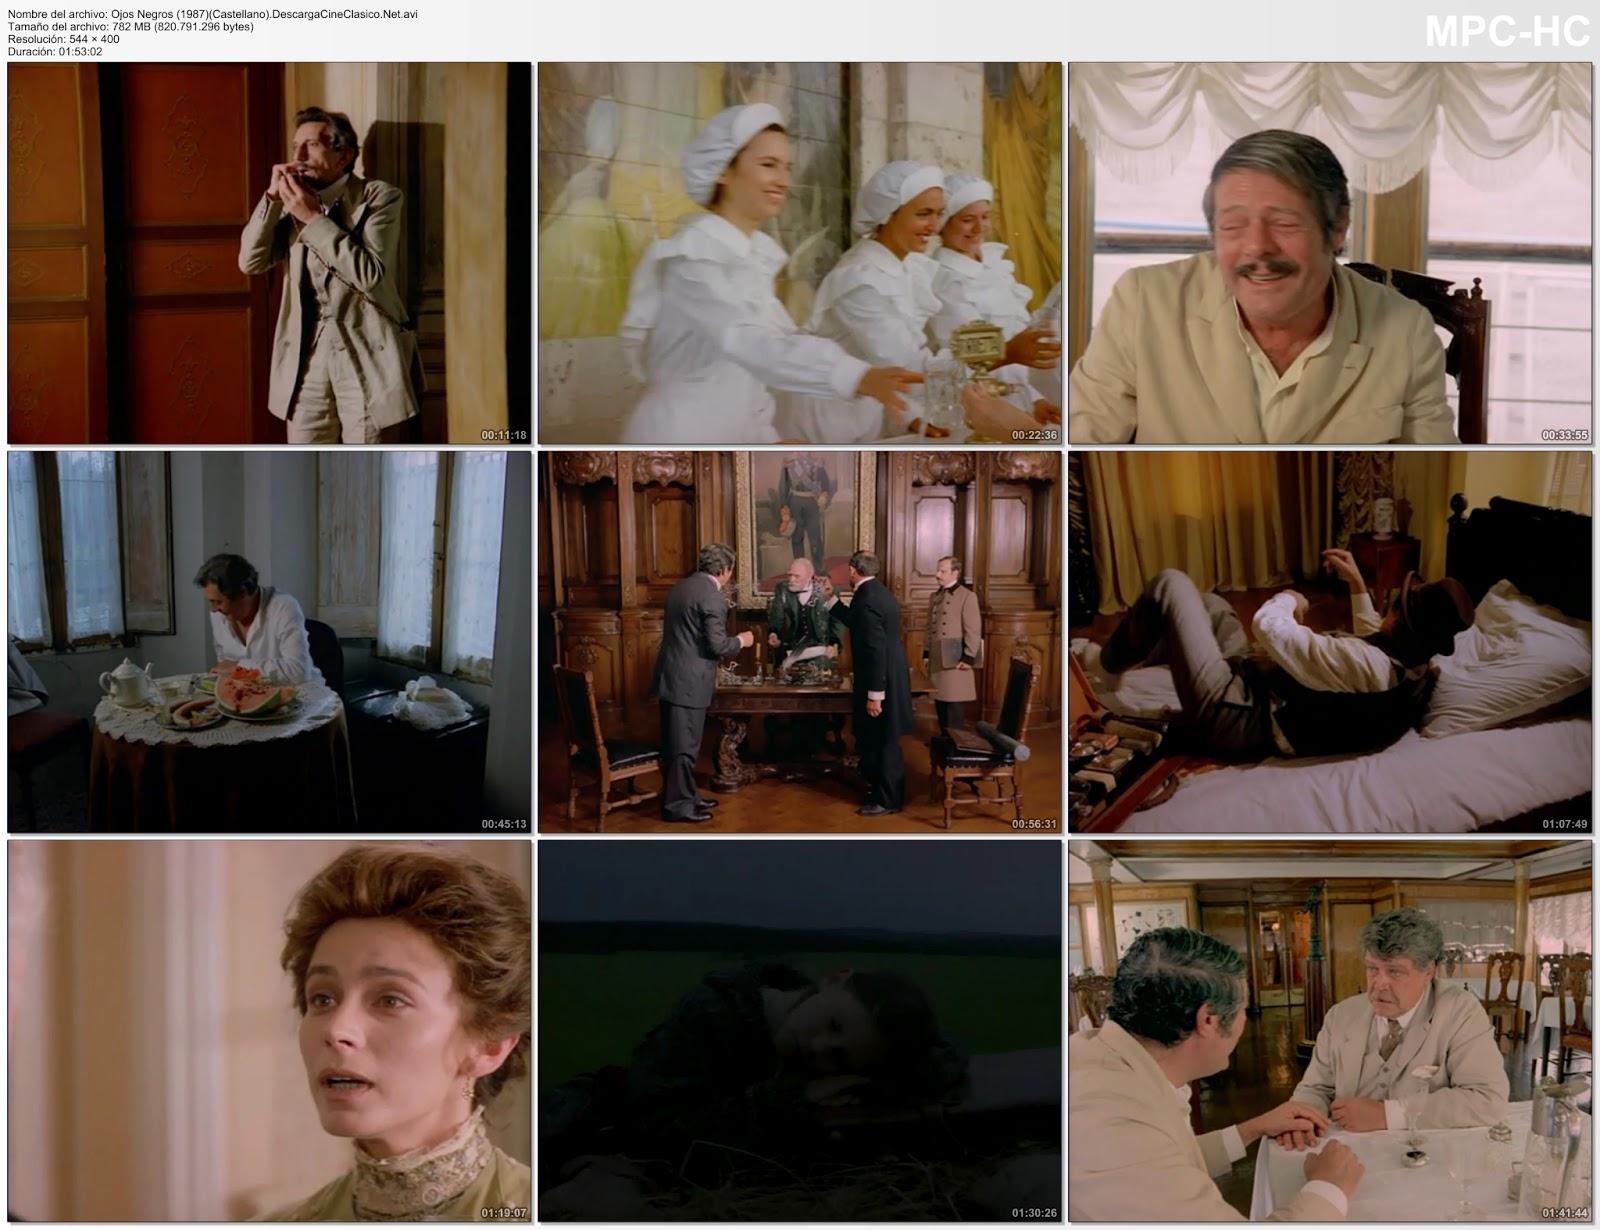 Ojos Negros (1987) Capturas